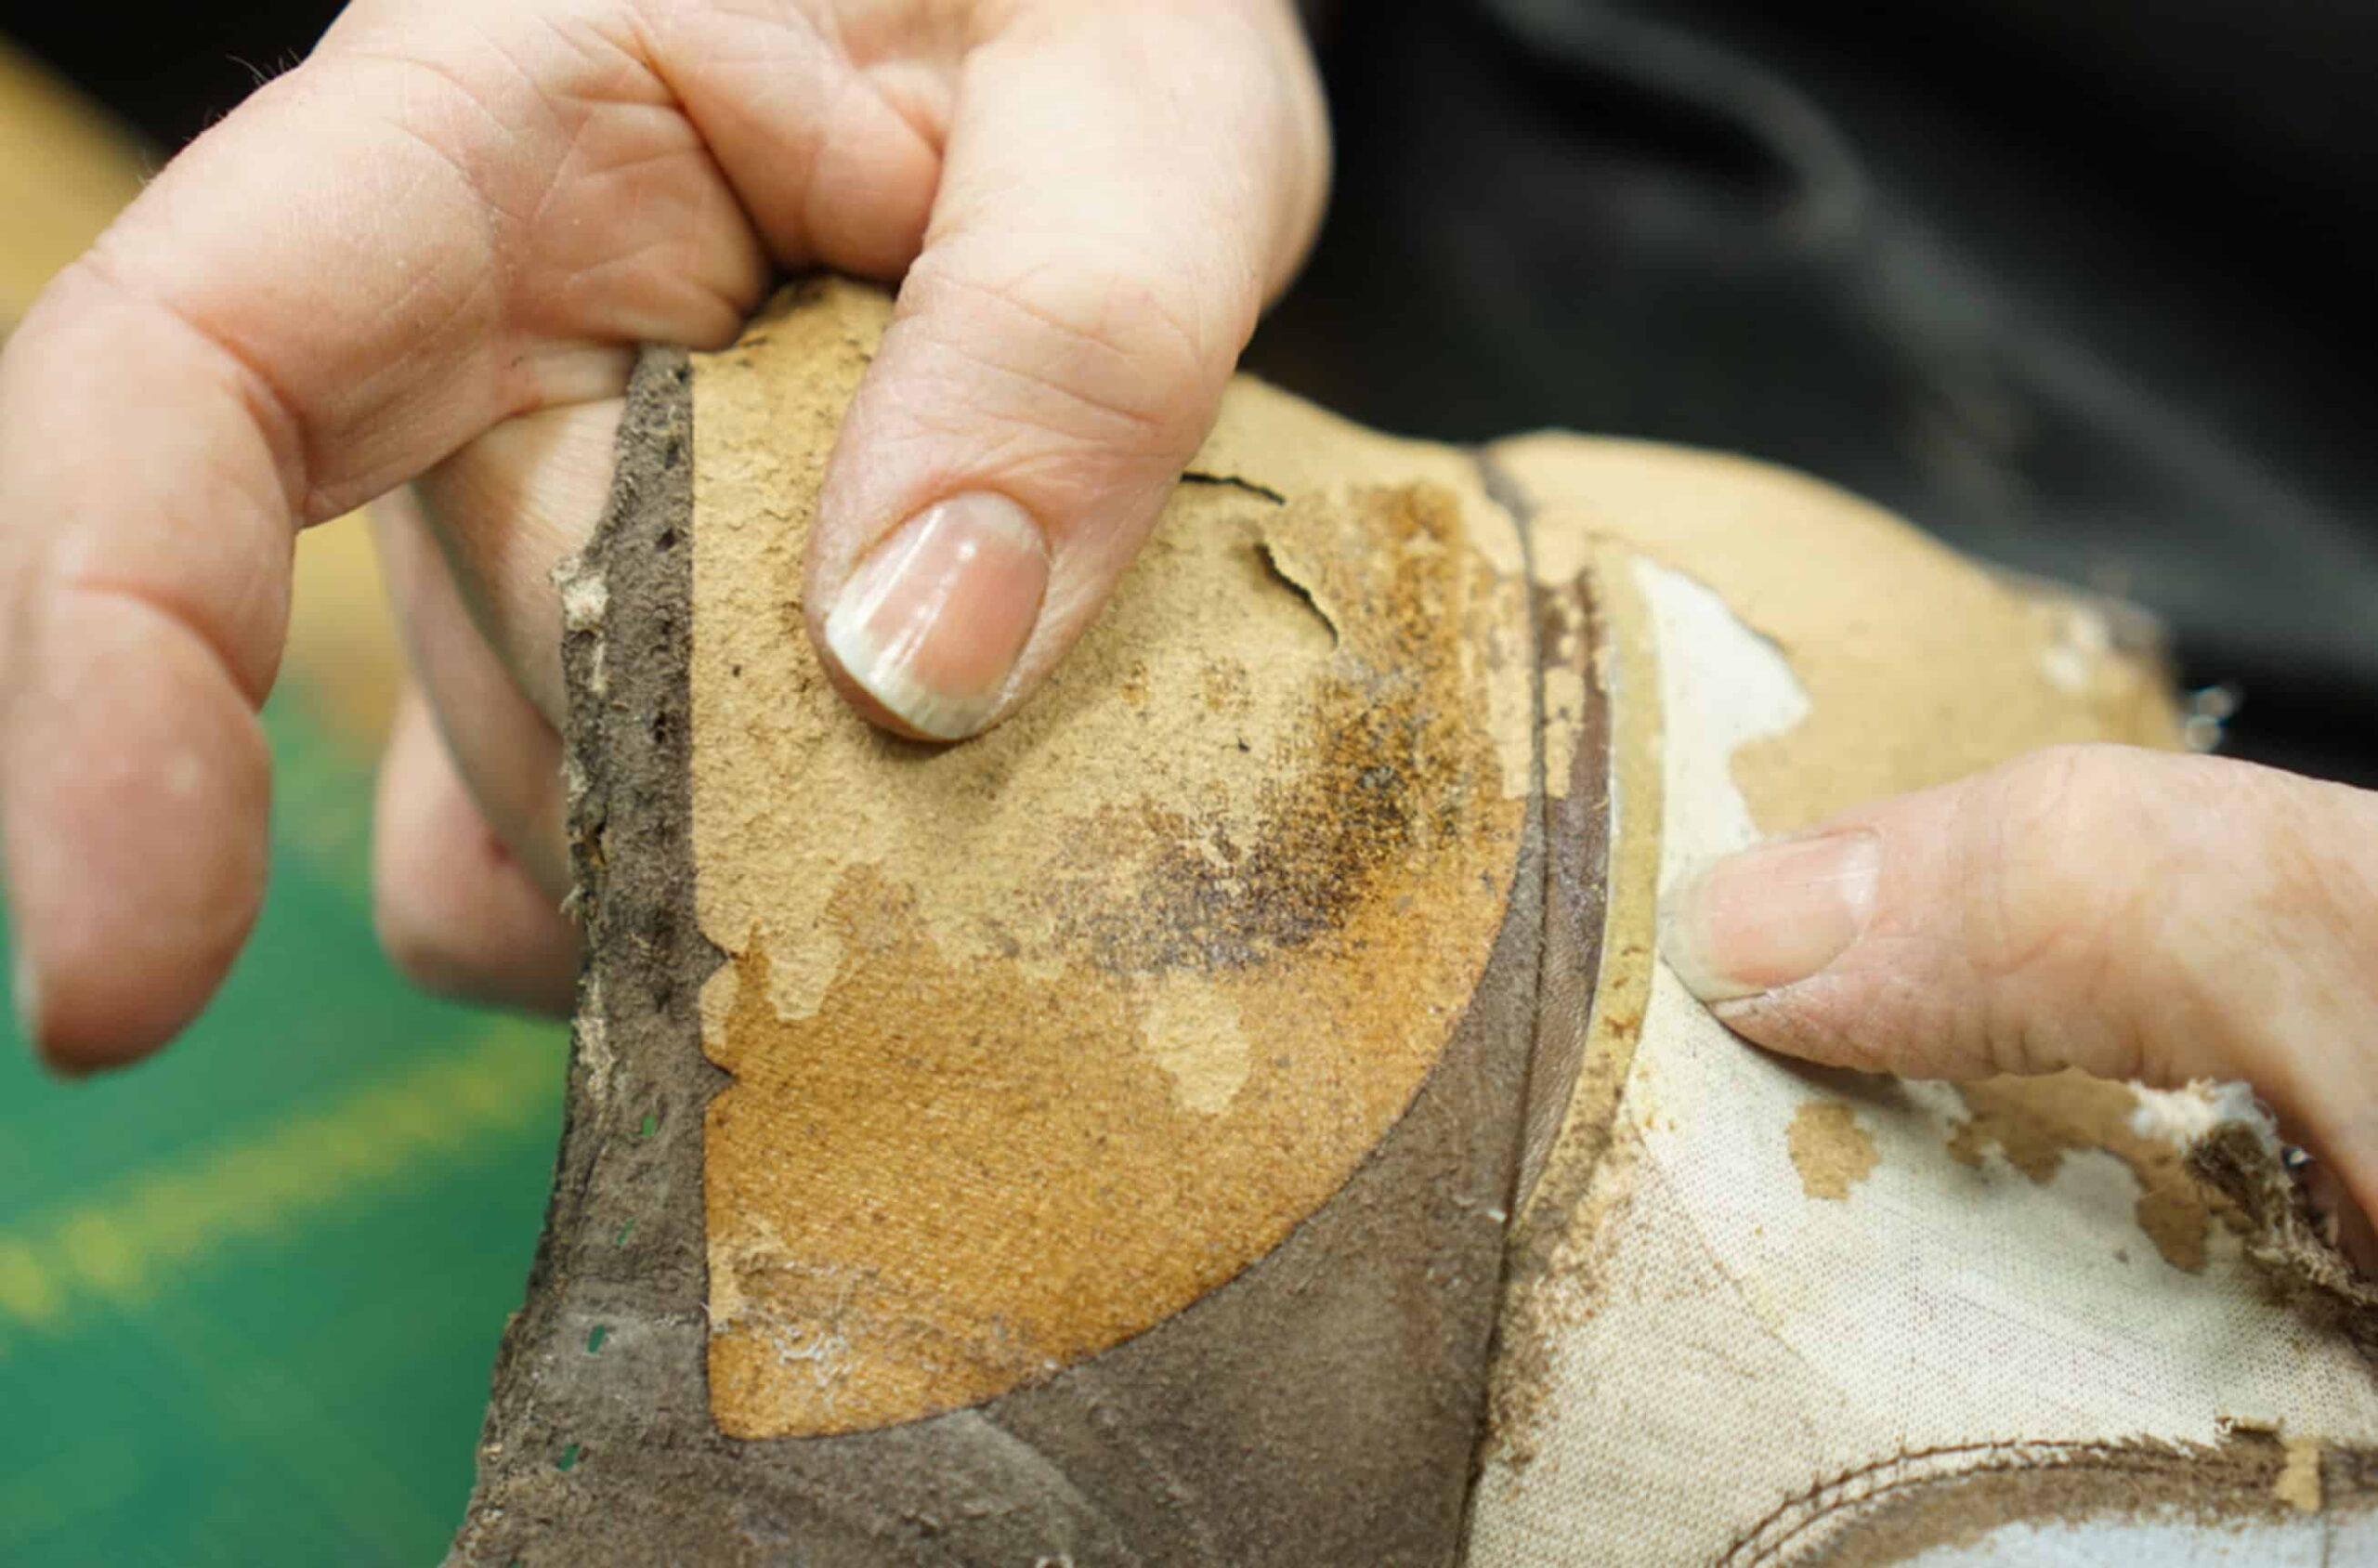 Un contrefort en salpa sur une paire de Carmina. (Source : Shoegazing)